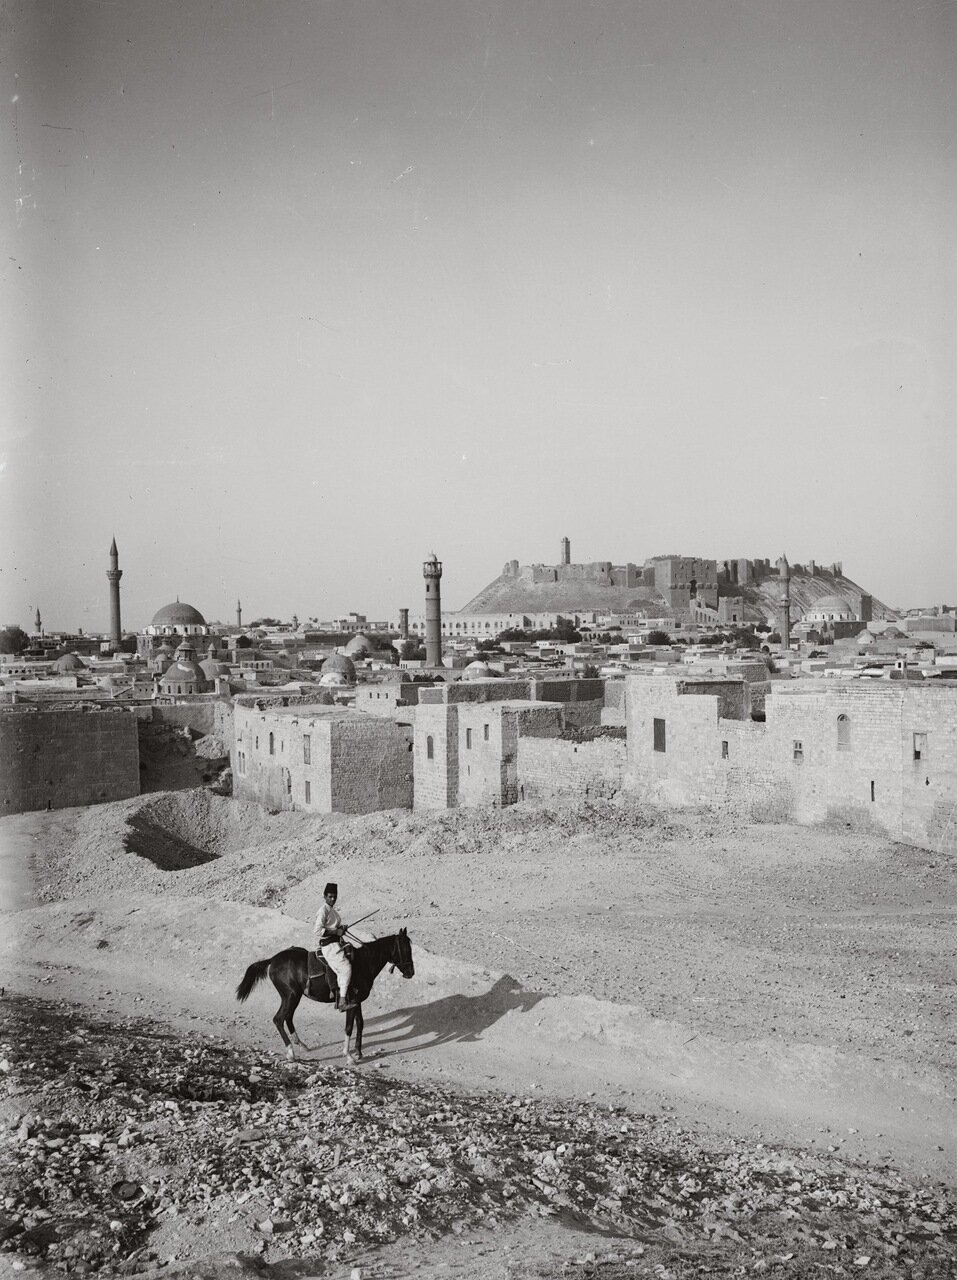 Алеппо и замок с юго-запада. Сирия. 1900-1920 гг.